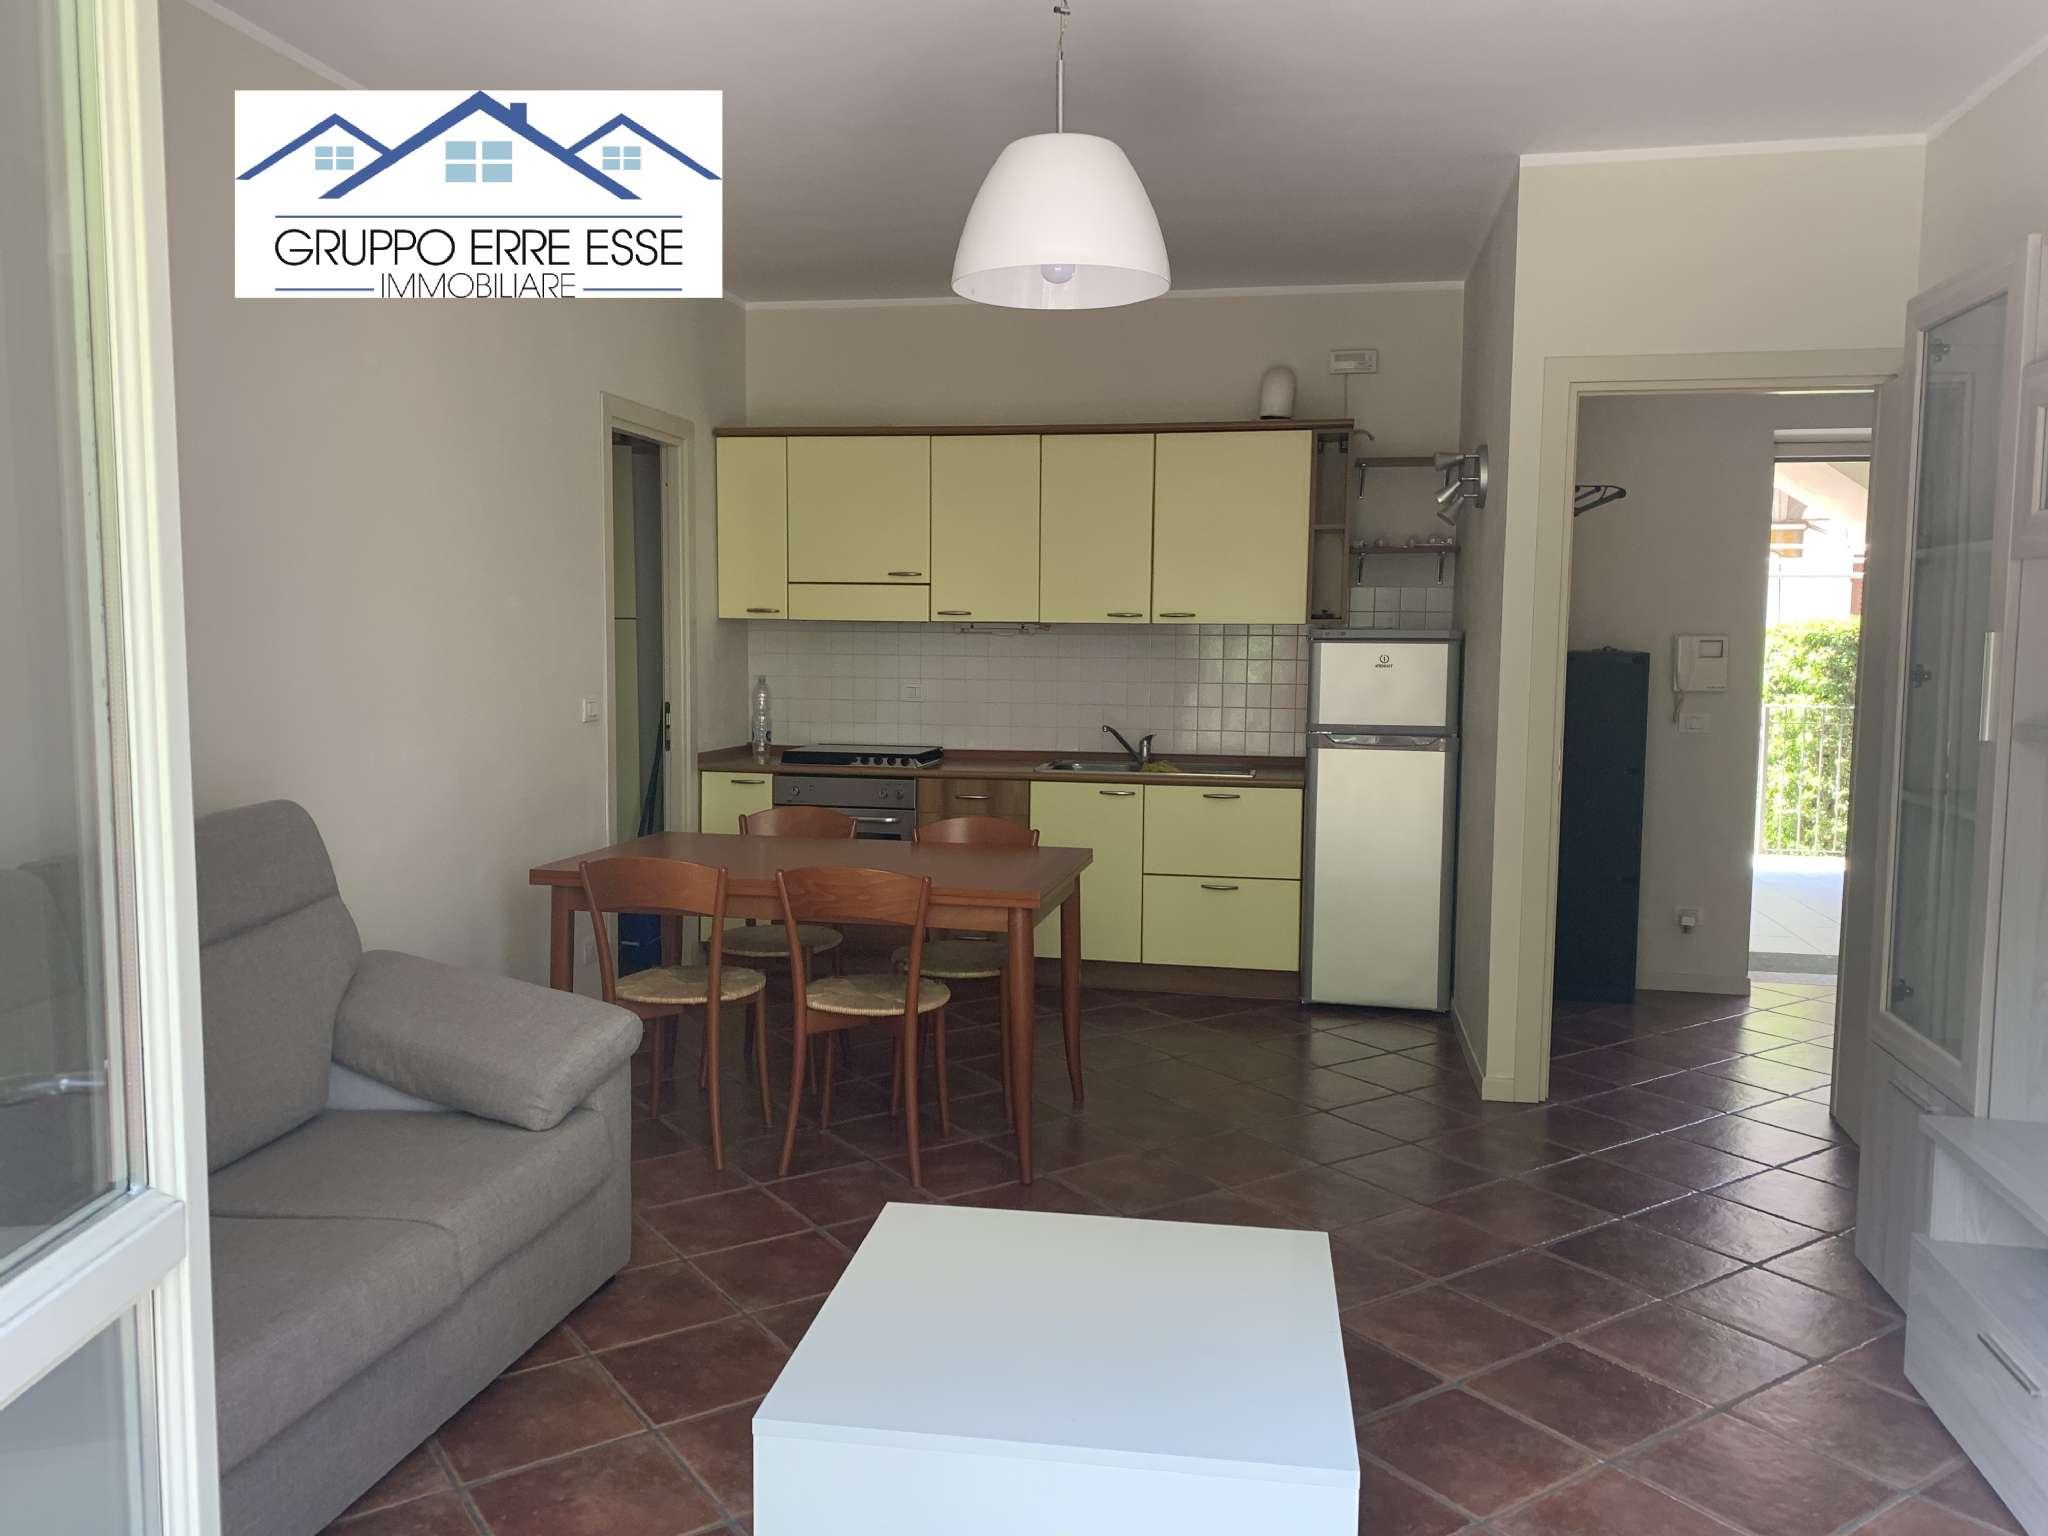 Appartamento in affitto a Bra, 2 locali, prezzo € 400   PortaleAgenzieImmobiliari.it